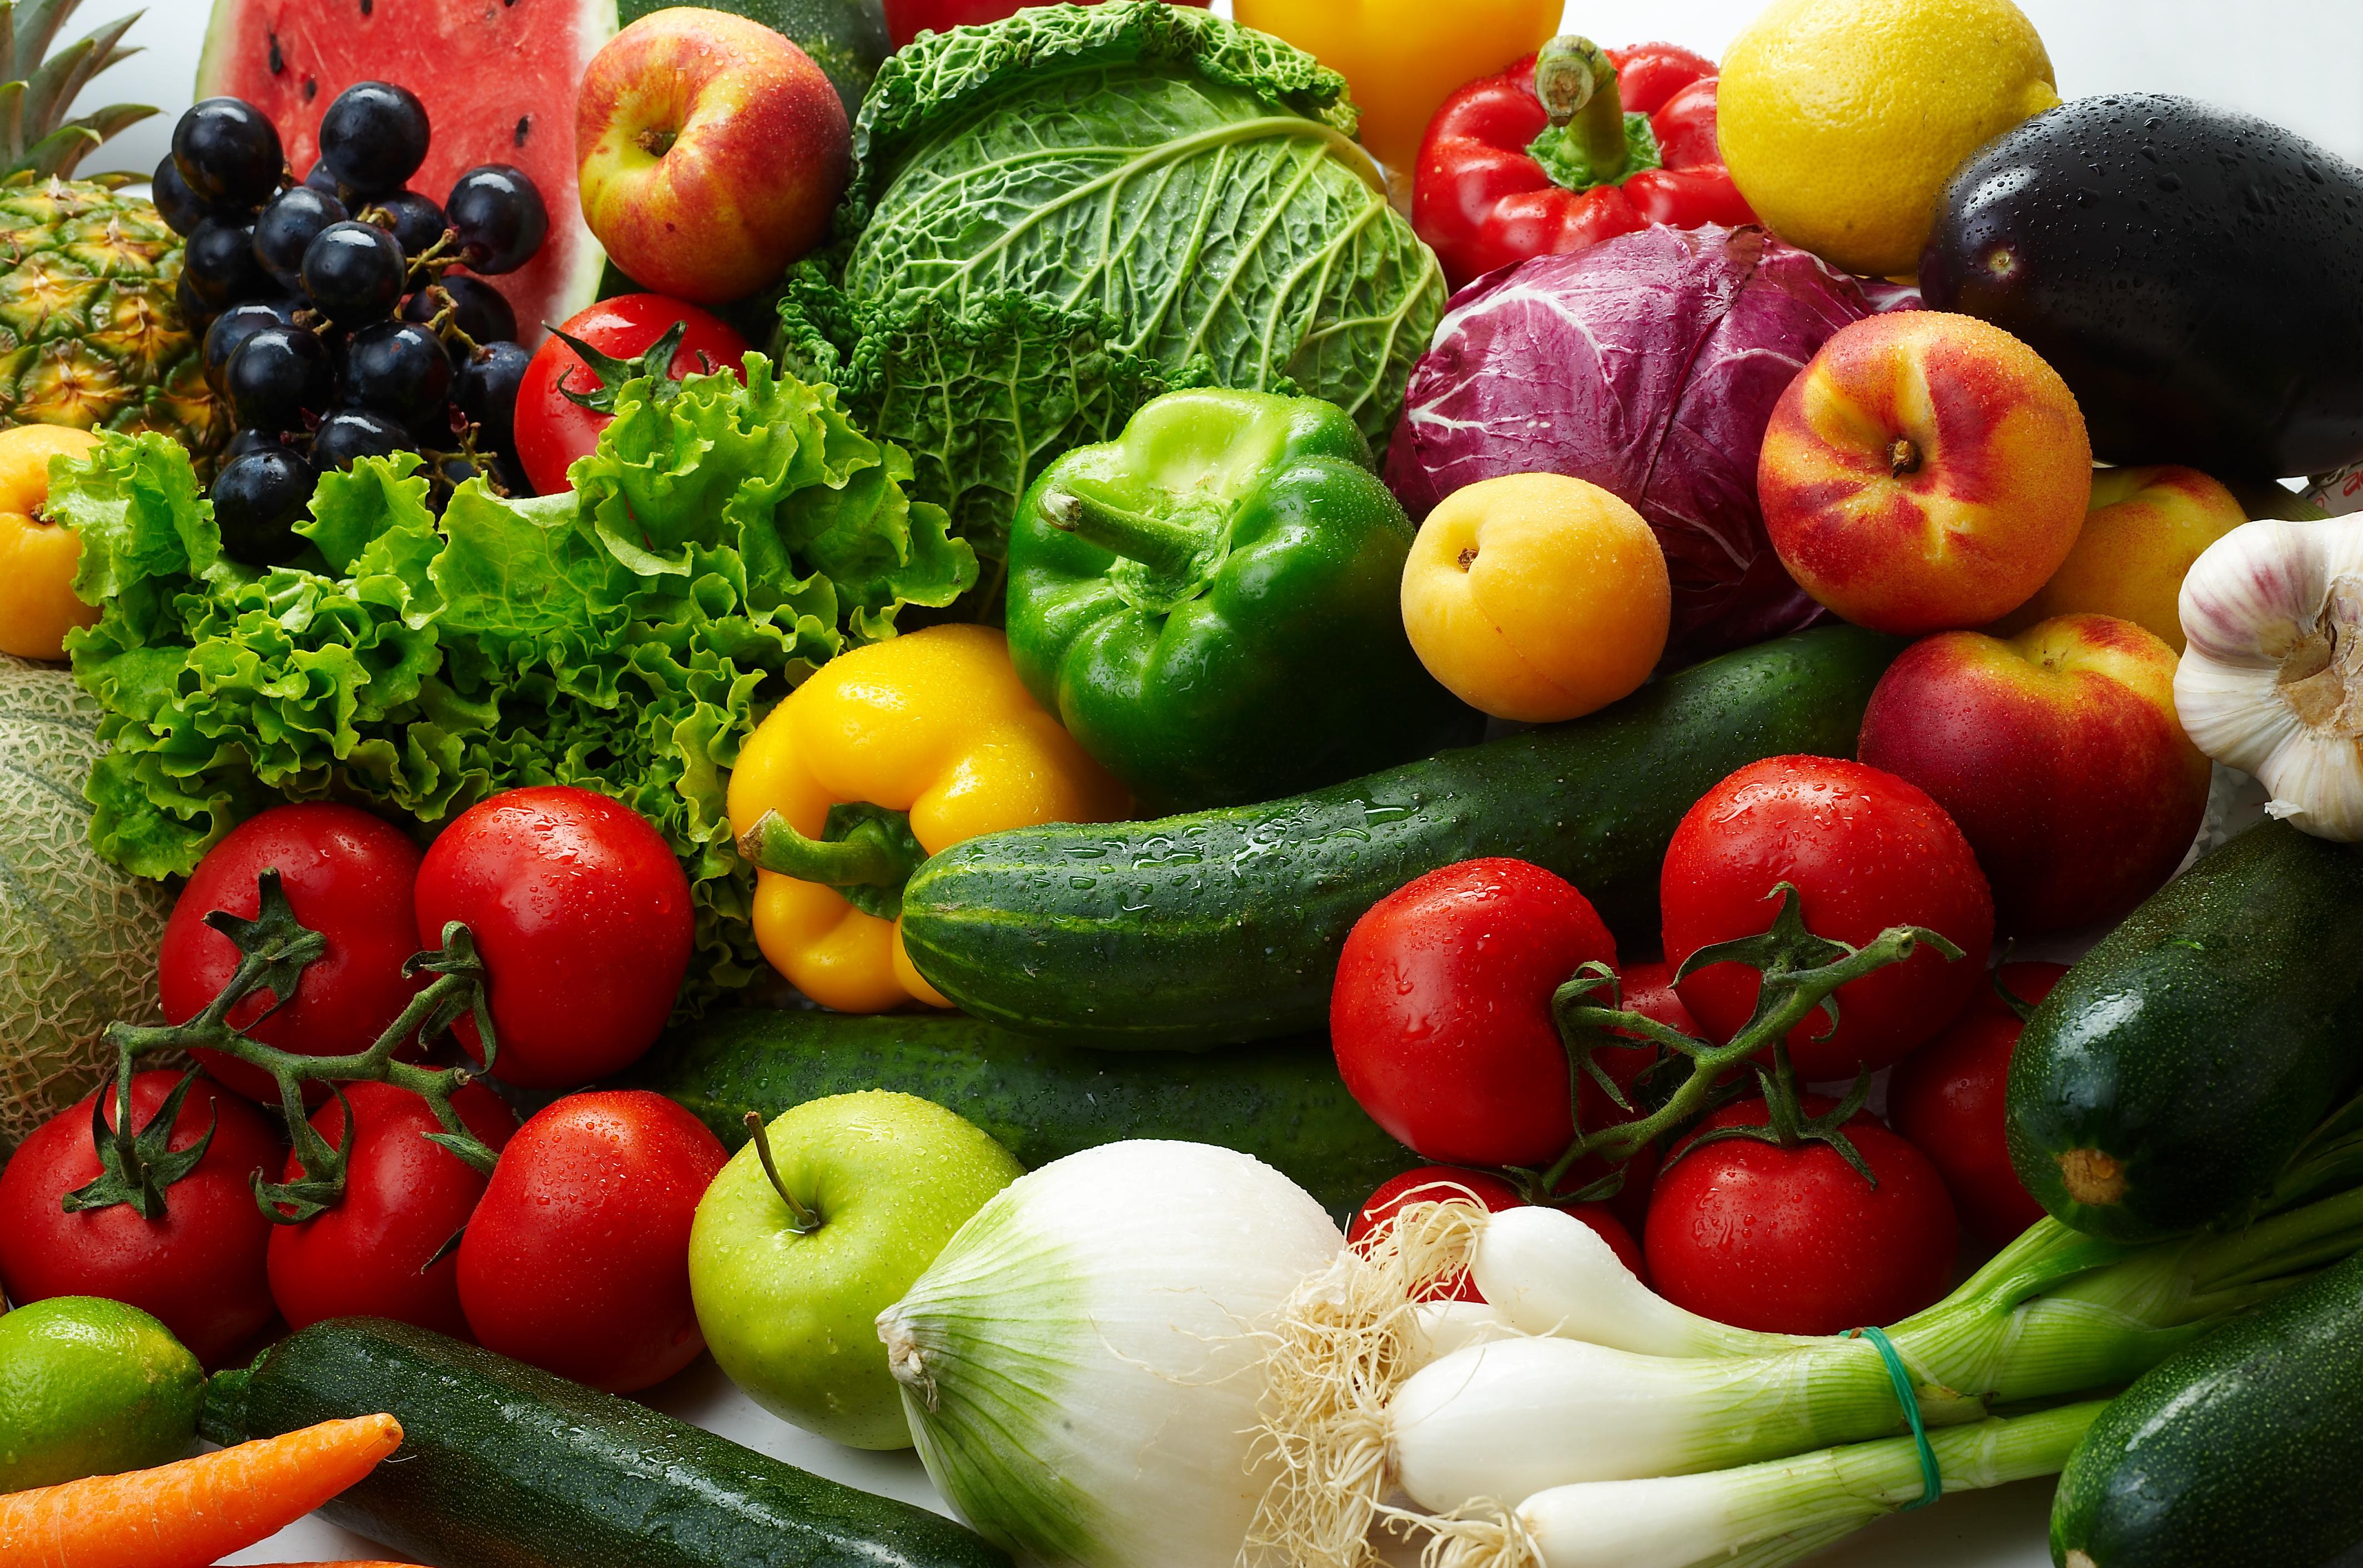 В Приморье подорожали овощи, фрукты и чёрный перец - ИА REGNUM